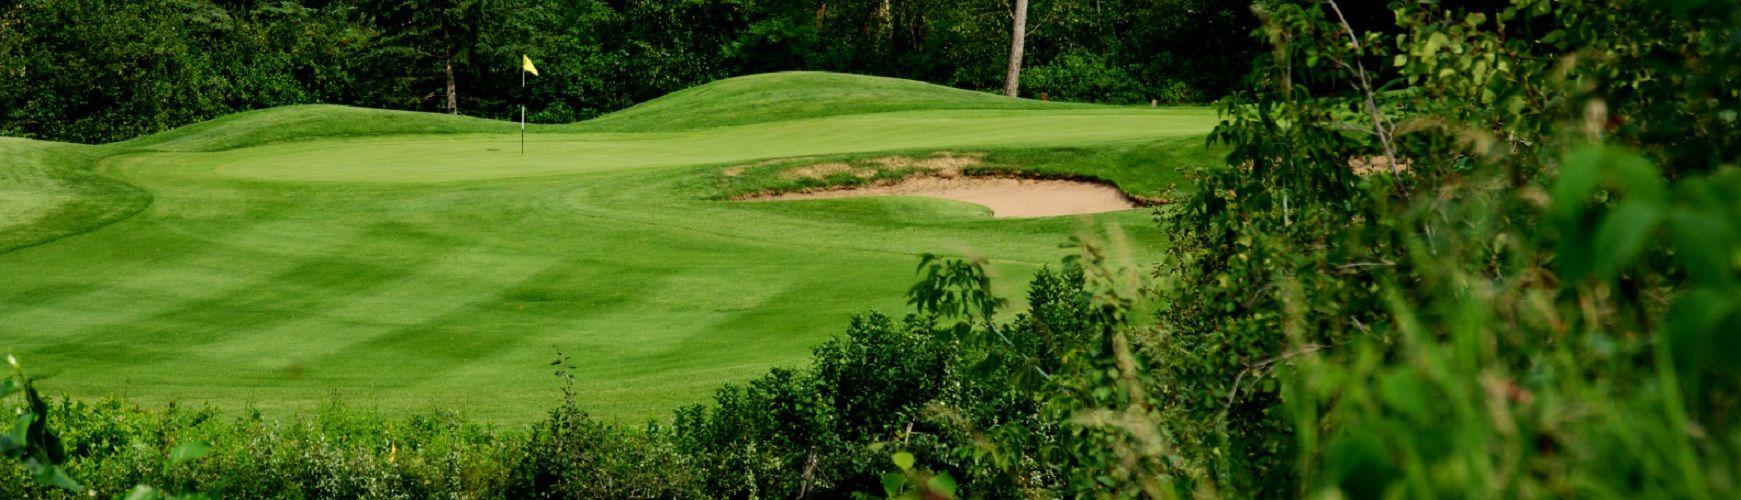 Jagare ridge golf club cover picture